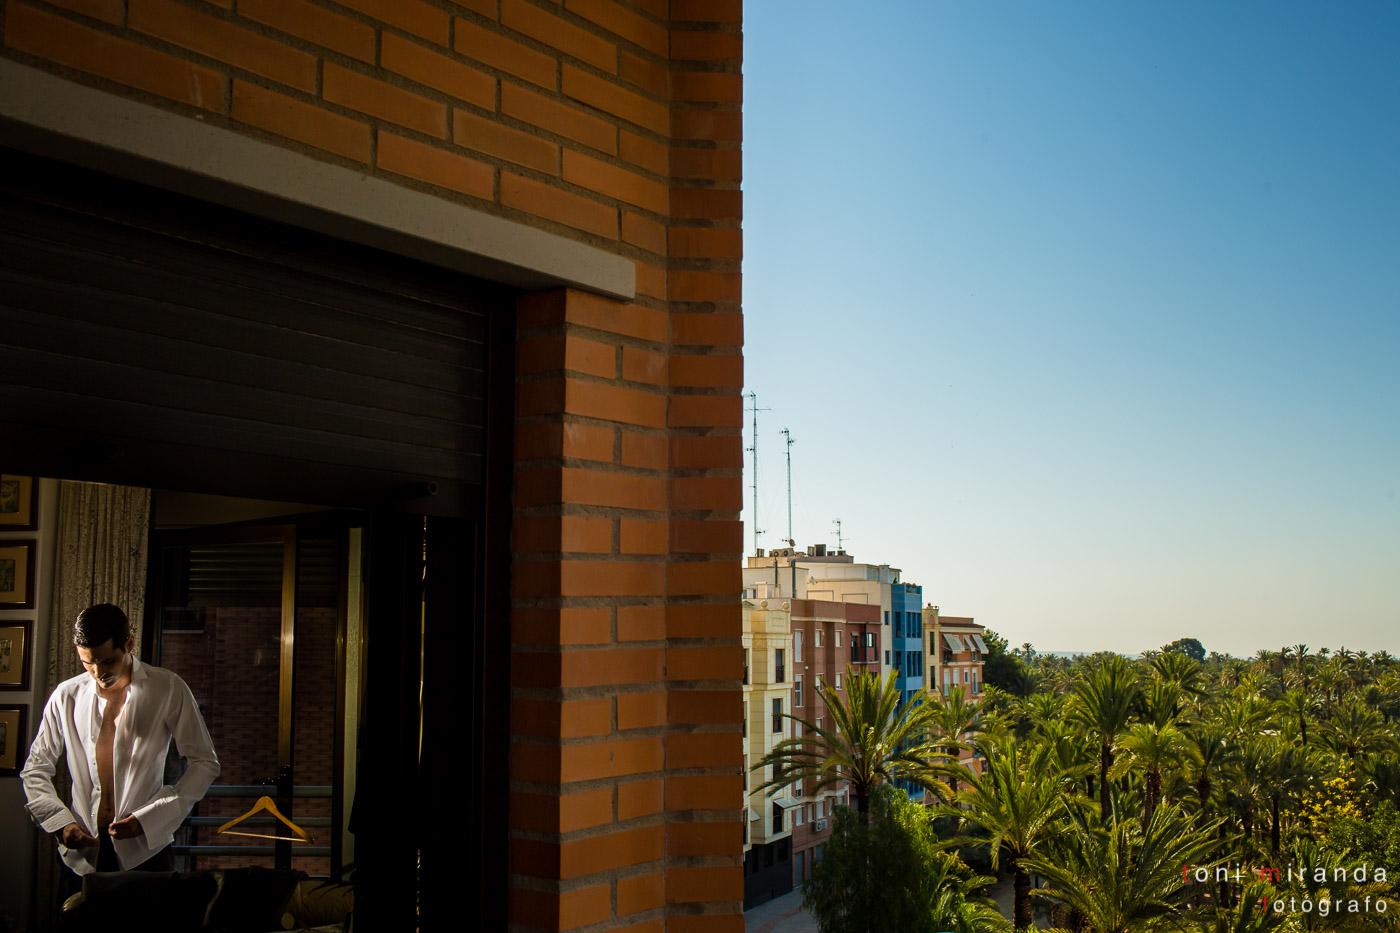 chico a través de la ventana con paisaje de elche con palmeras